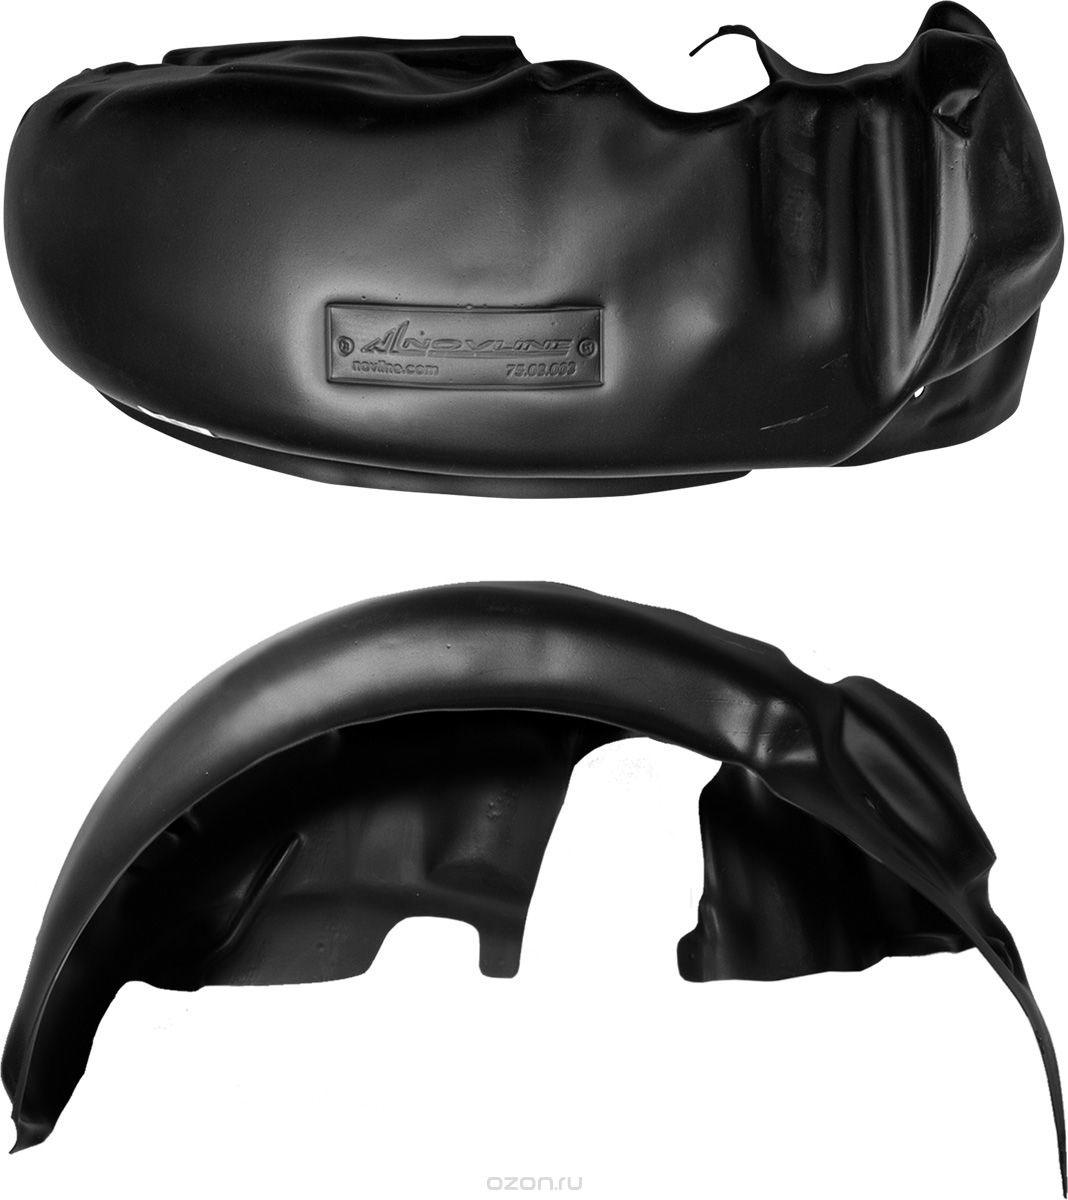 Подкрылок Novline-Autofamily, для Hyundai i40, 06/2012->, седан, задний правыйNLL.20.46.004Идеальная защита колесной ниши. Локеры разработаны с применением цифровых технологий, гарантируют максимальную повторяемость поверхности арки. Изделия устанавливаются без нарушения лакокрасочного покрытия автомобиля, каждый подкрылок комплектуется крепежом. Уважаемые клиенты, обращаем ваше внимание, что фотографии на подкрылки универсальные и не отражают реальную форму изделия. При этом само изделие идет точно под размер указанного автомобиля.